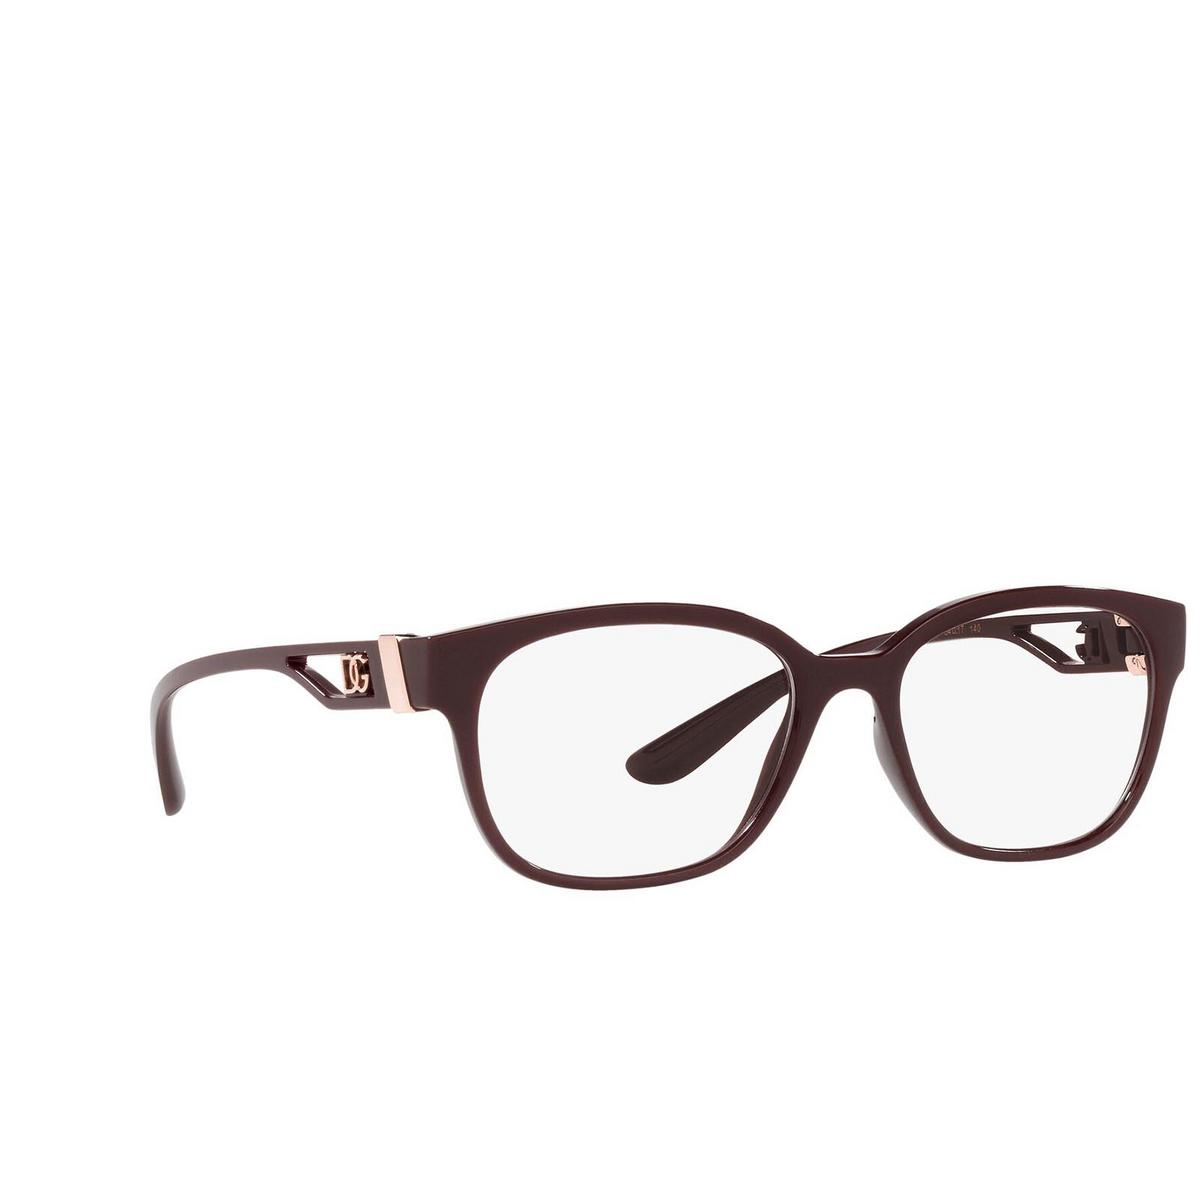 Dolce & Gabbana® Square Eyeglasses: DG5066 color Transparent Bordeaux 3285 - three-quarters view.